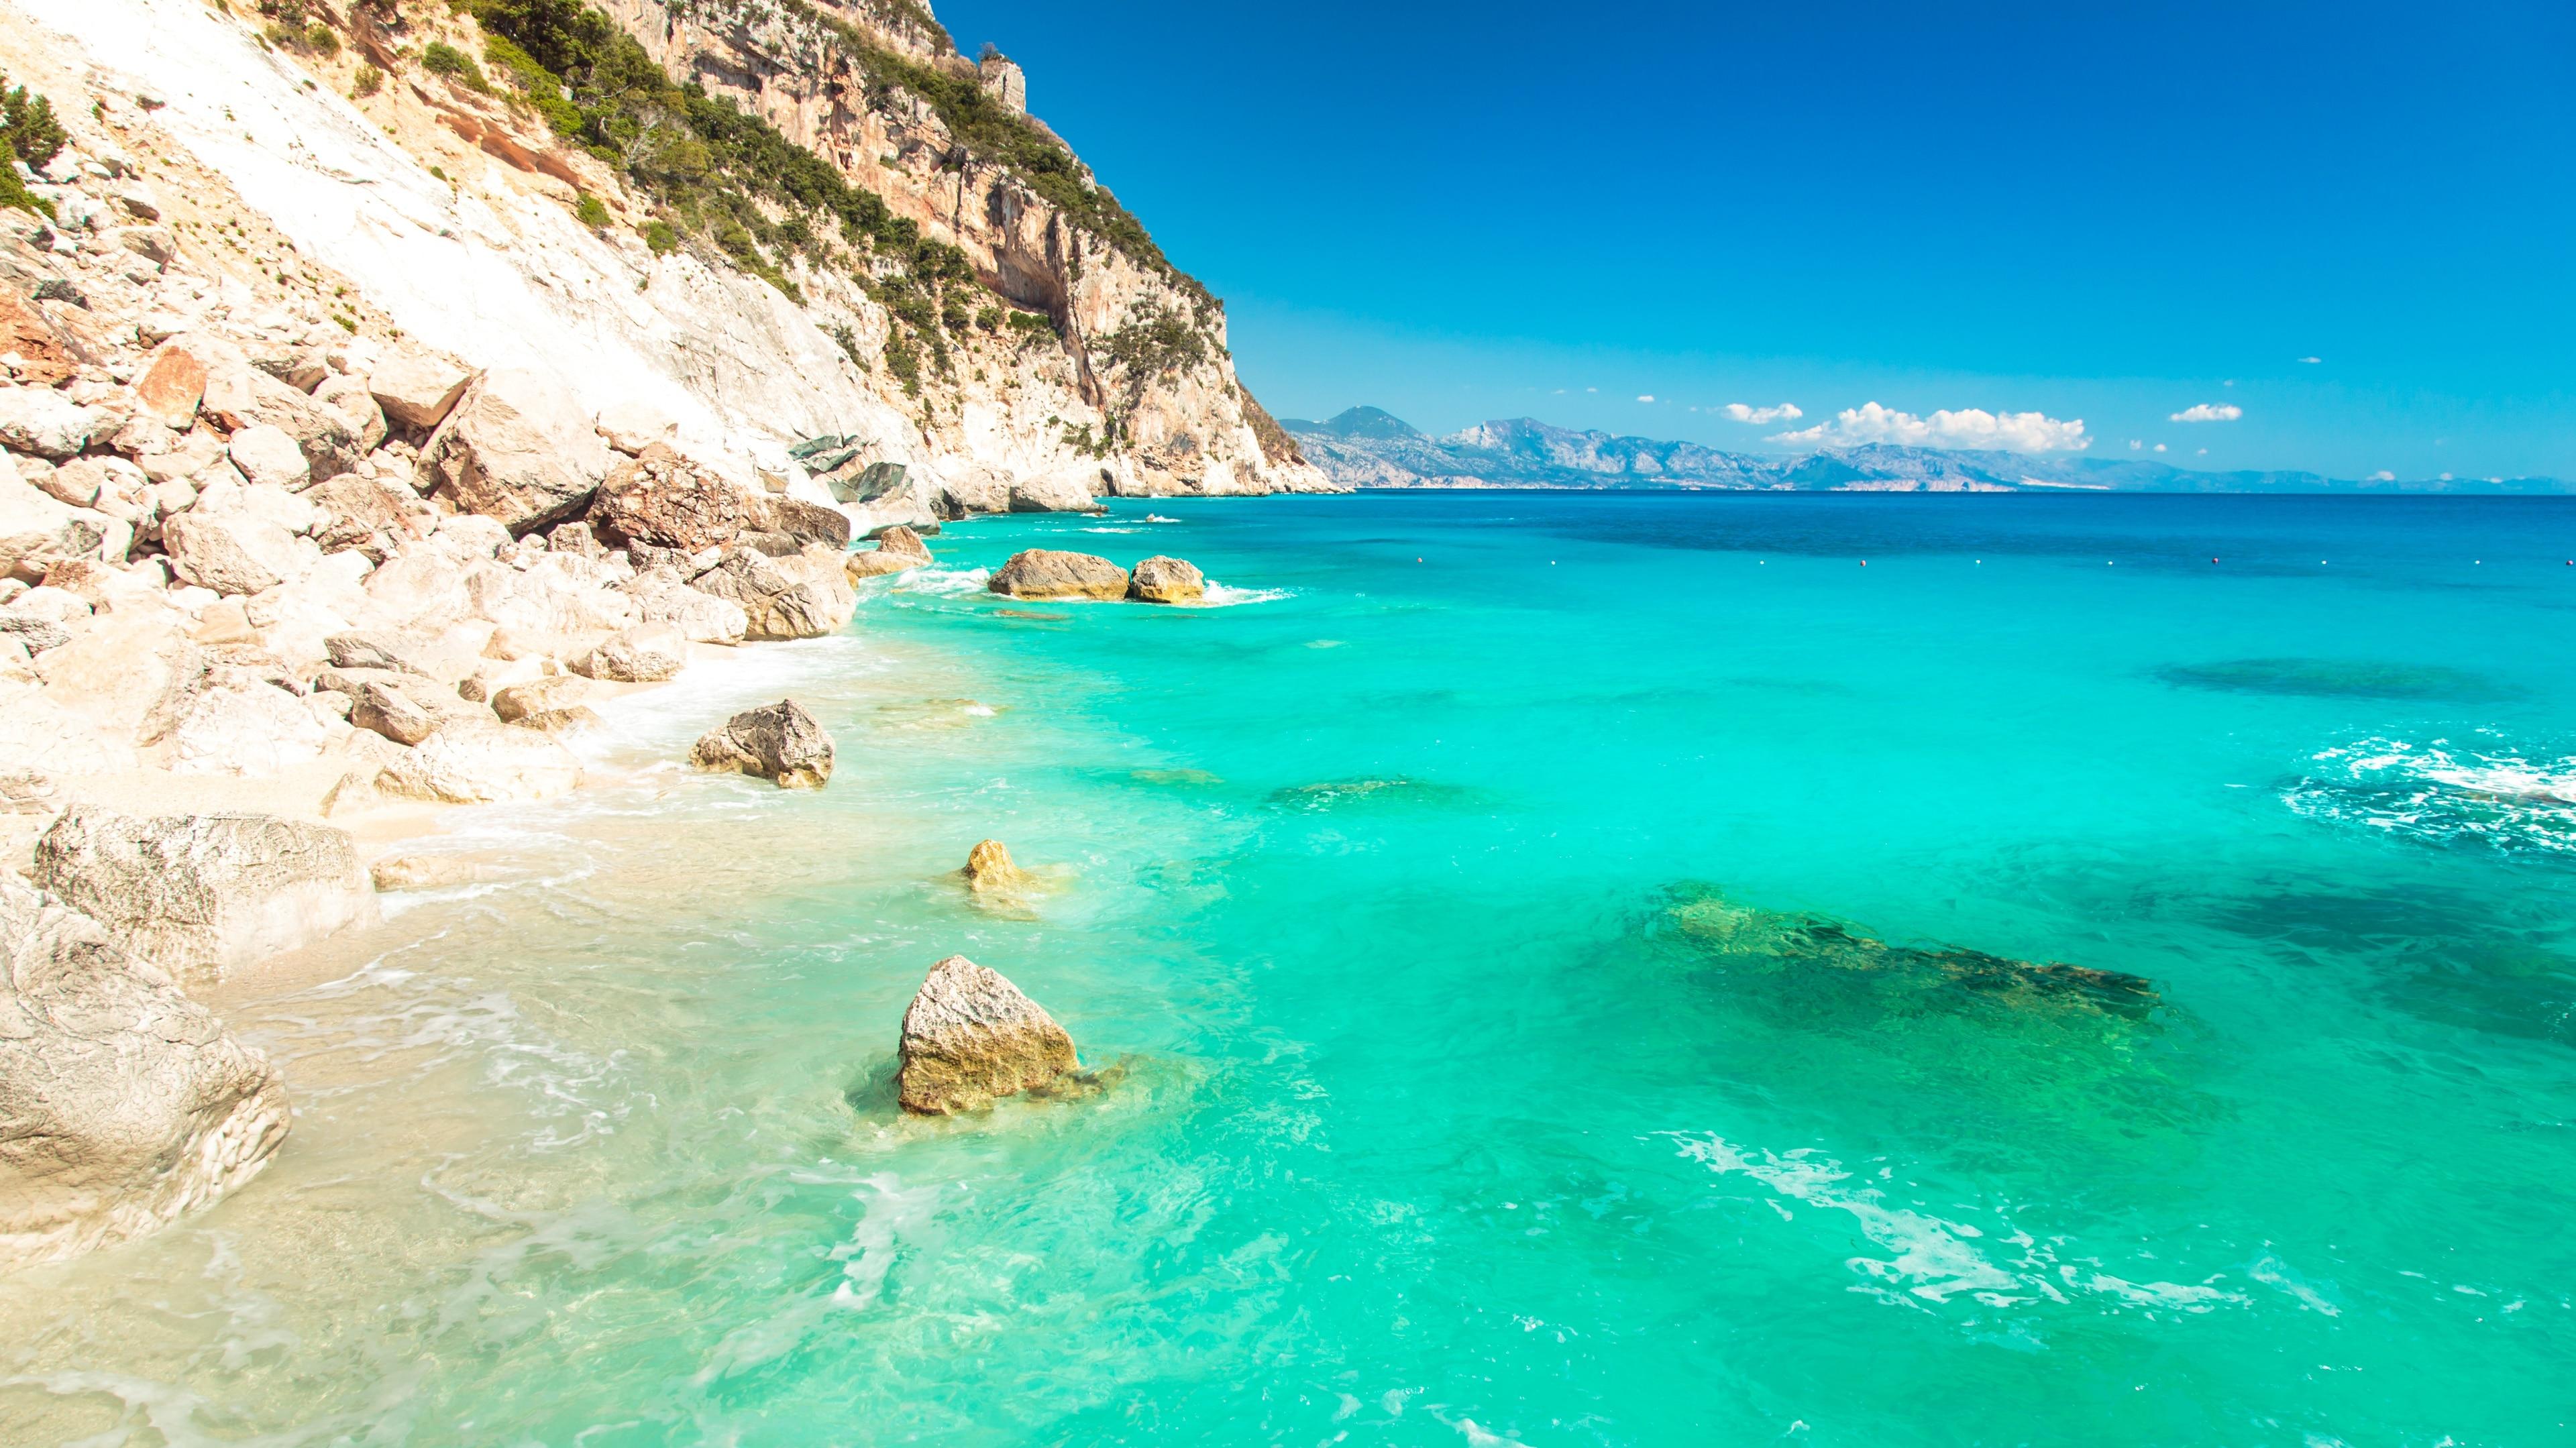 Orosei, Sardinia, Italy